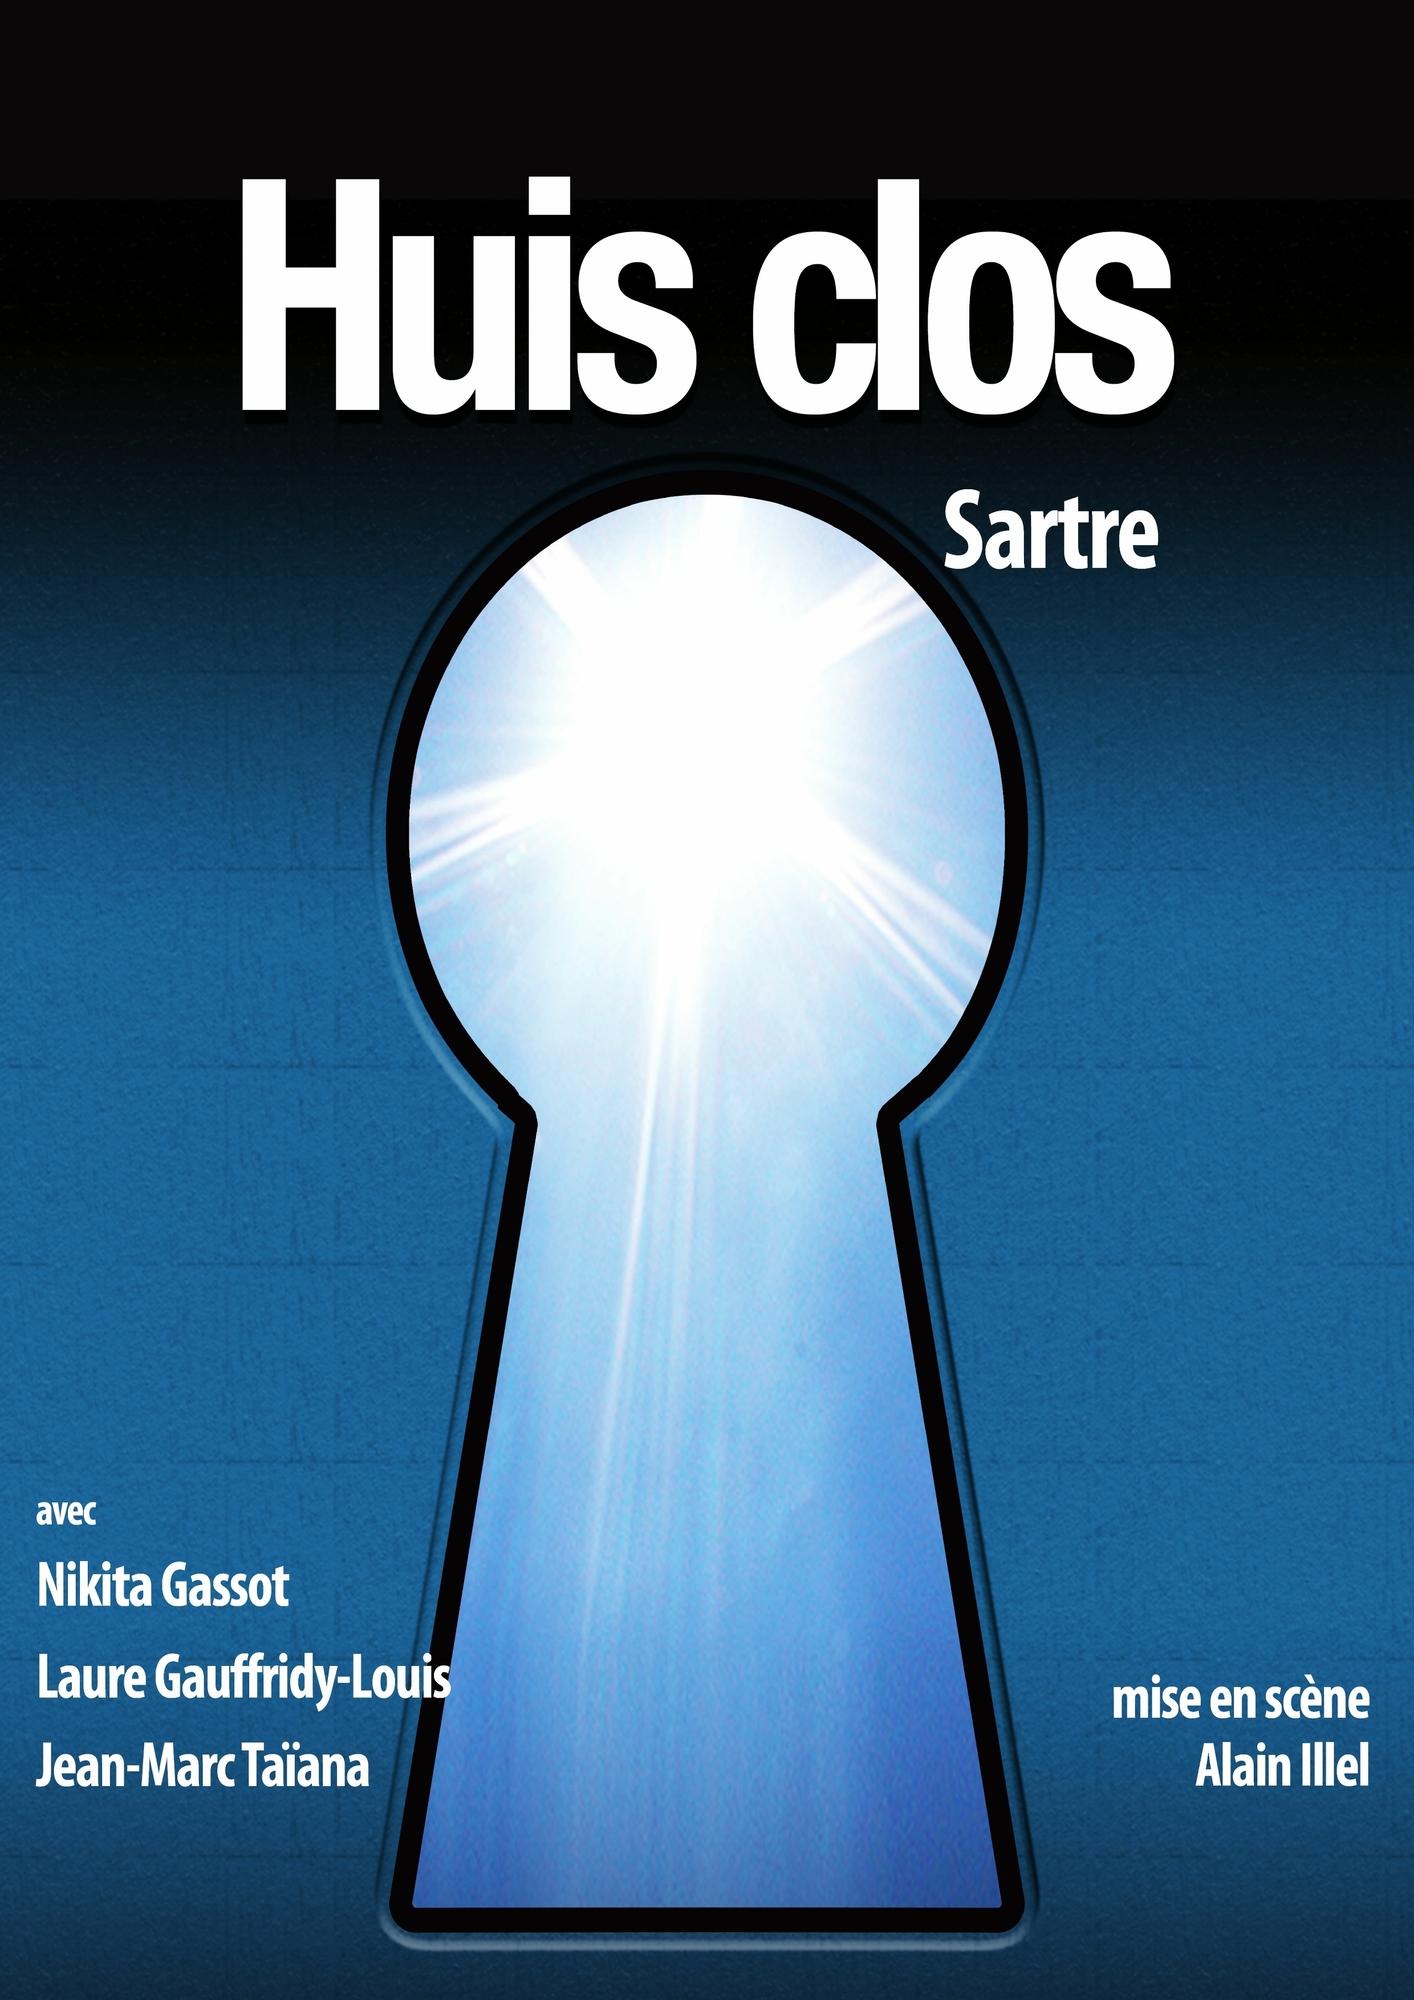 Huis clos, de Jean-Paul Sartre Actualité Nice